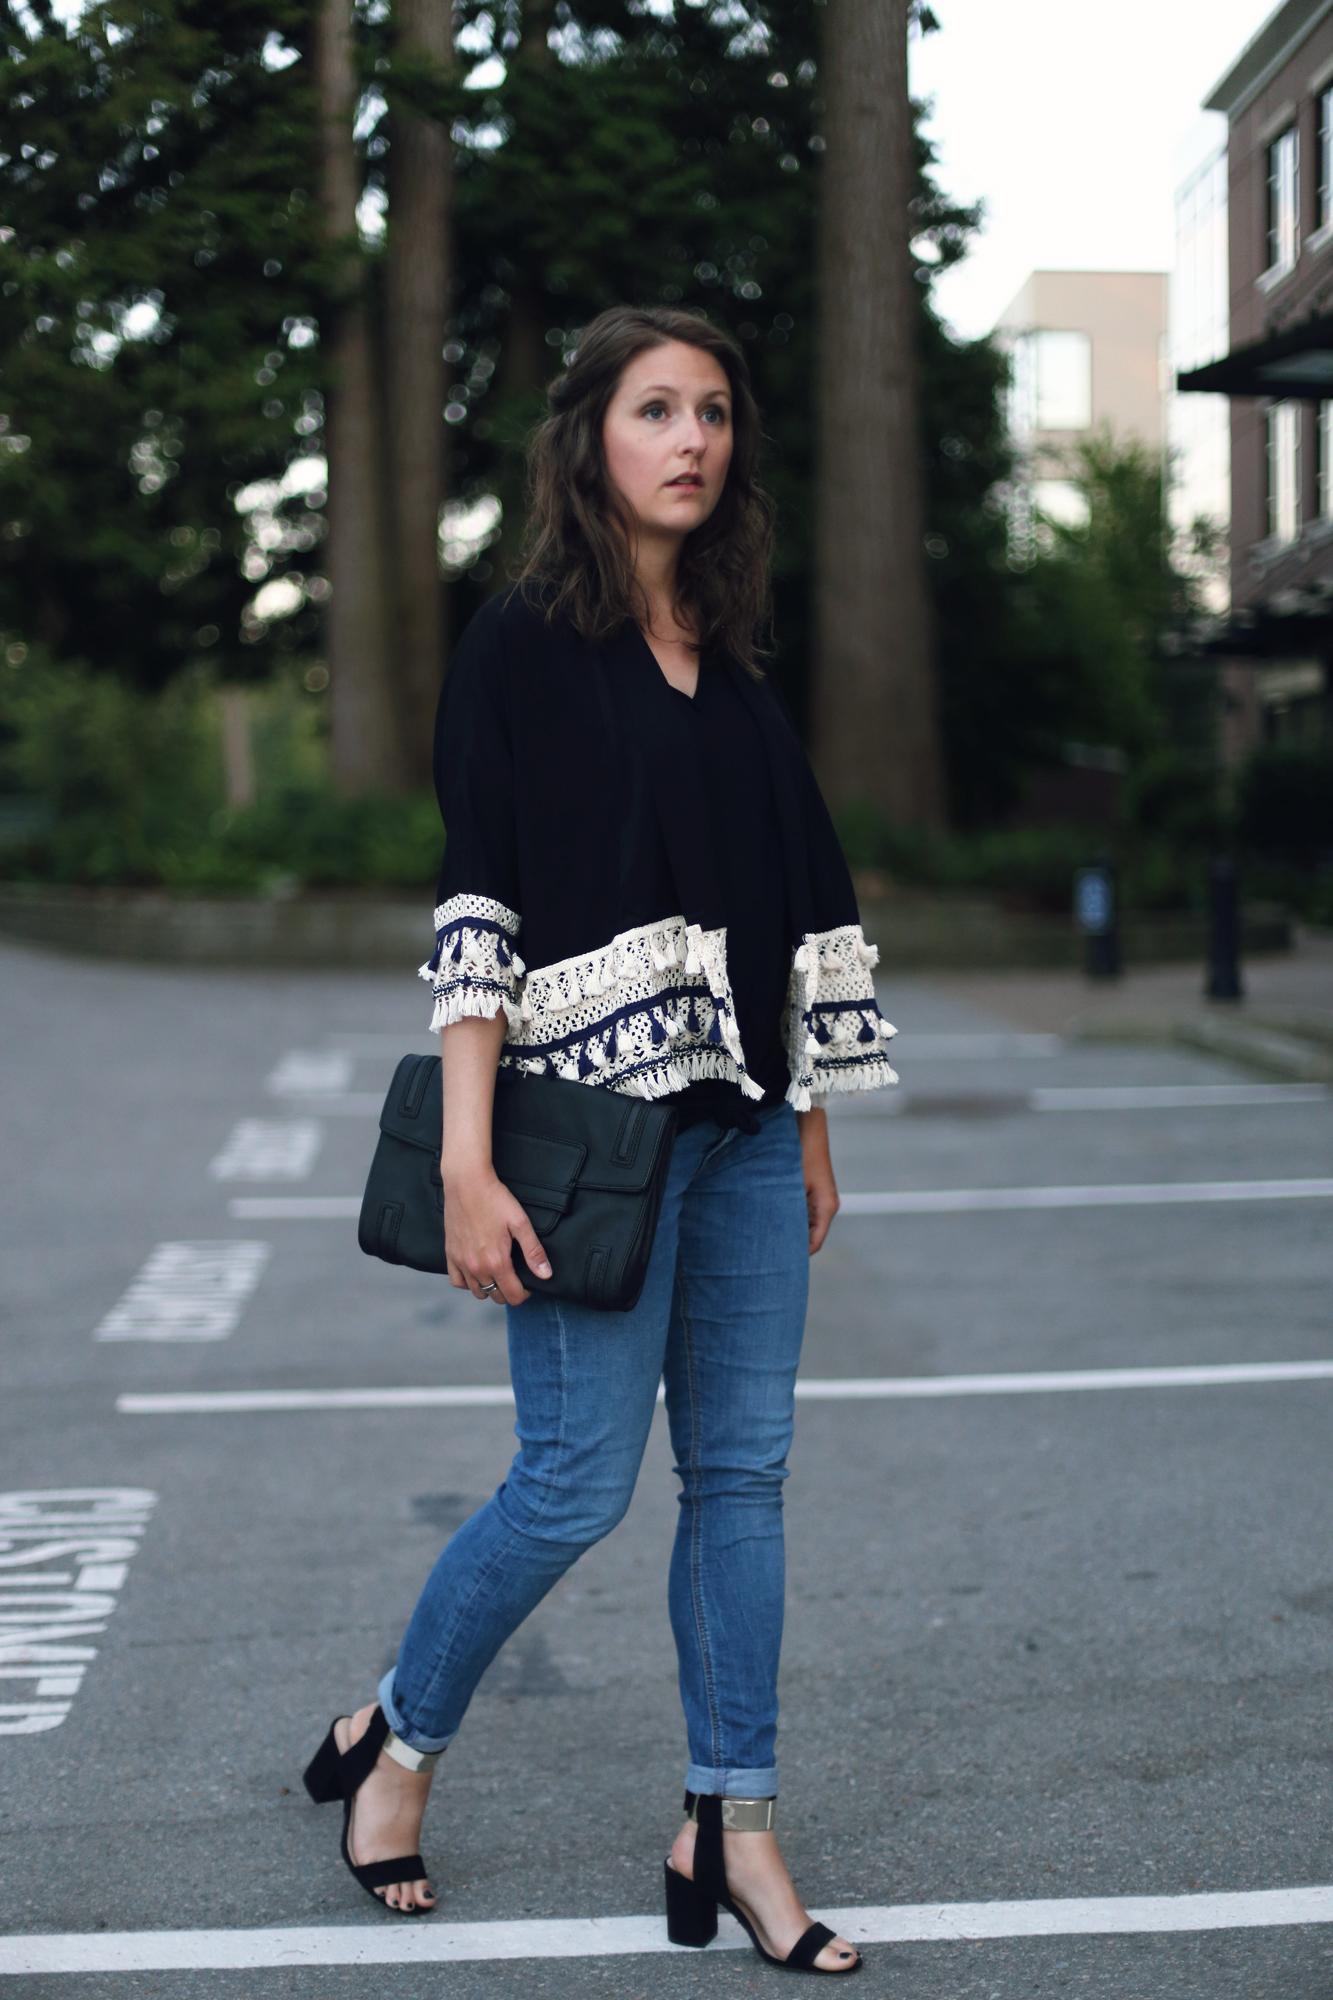 Fashion: minimalist chic outfit.